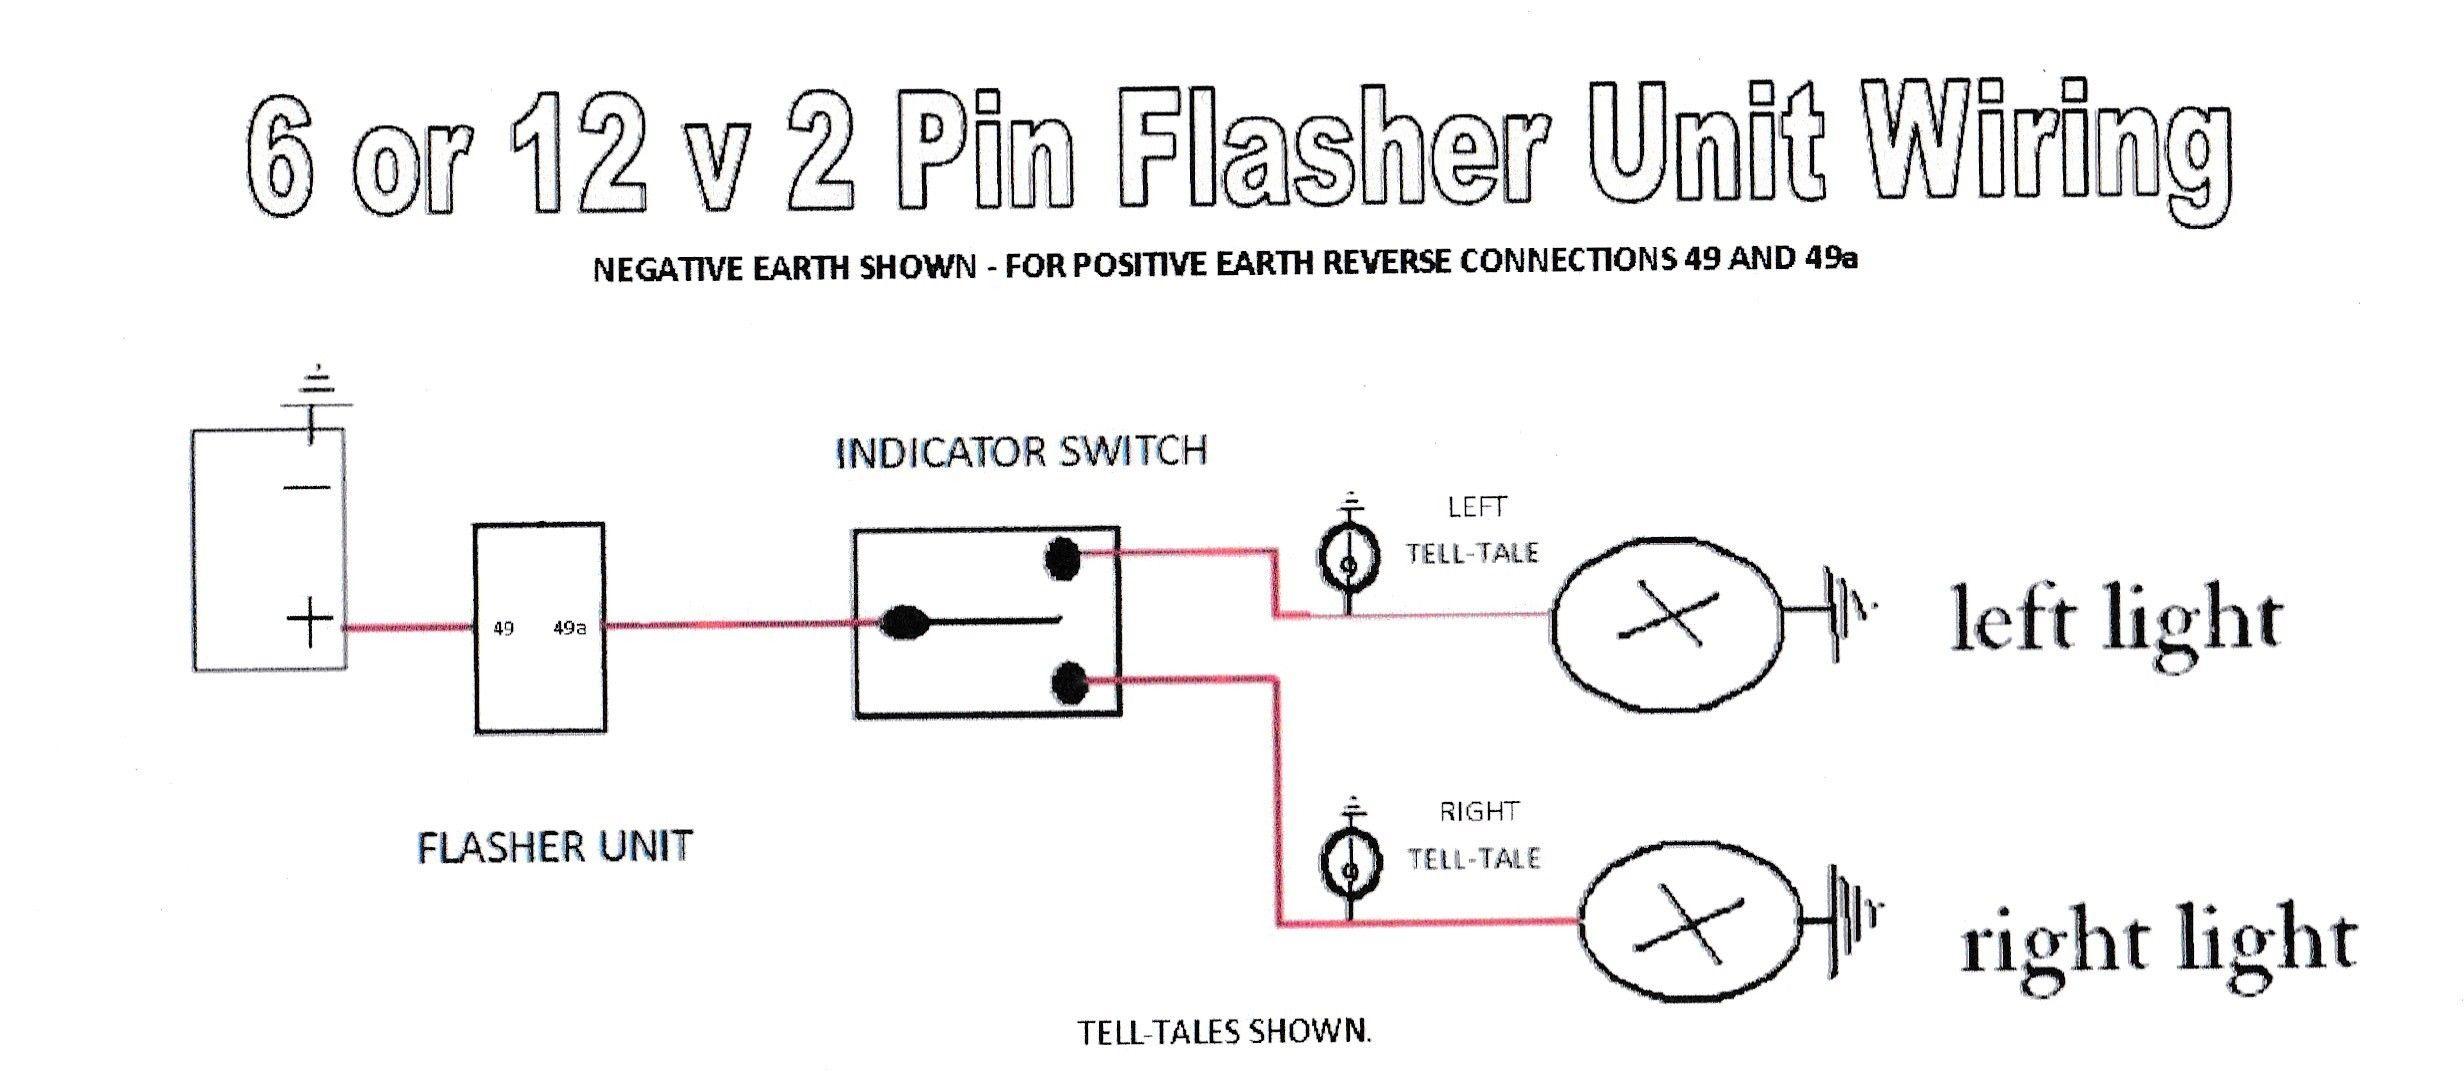 2 Pin Flasher Relay Wiring Diagram - Wiring Data Diagram - 2 Pin Flasher Relay Wiring Diagram